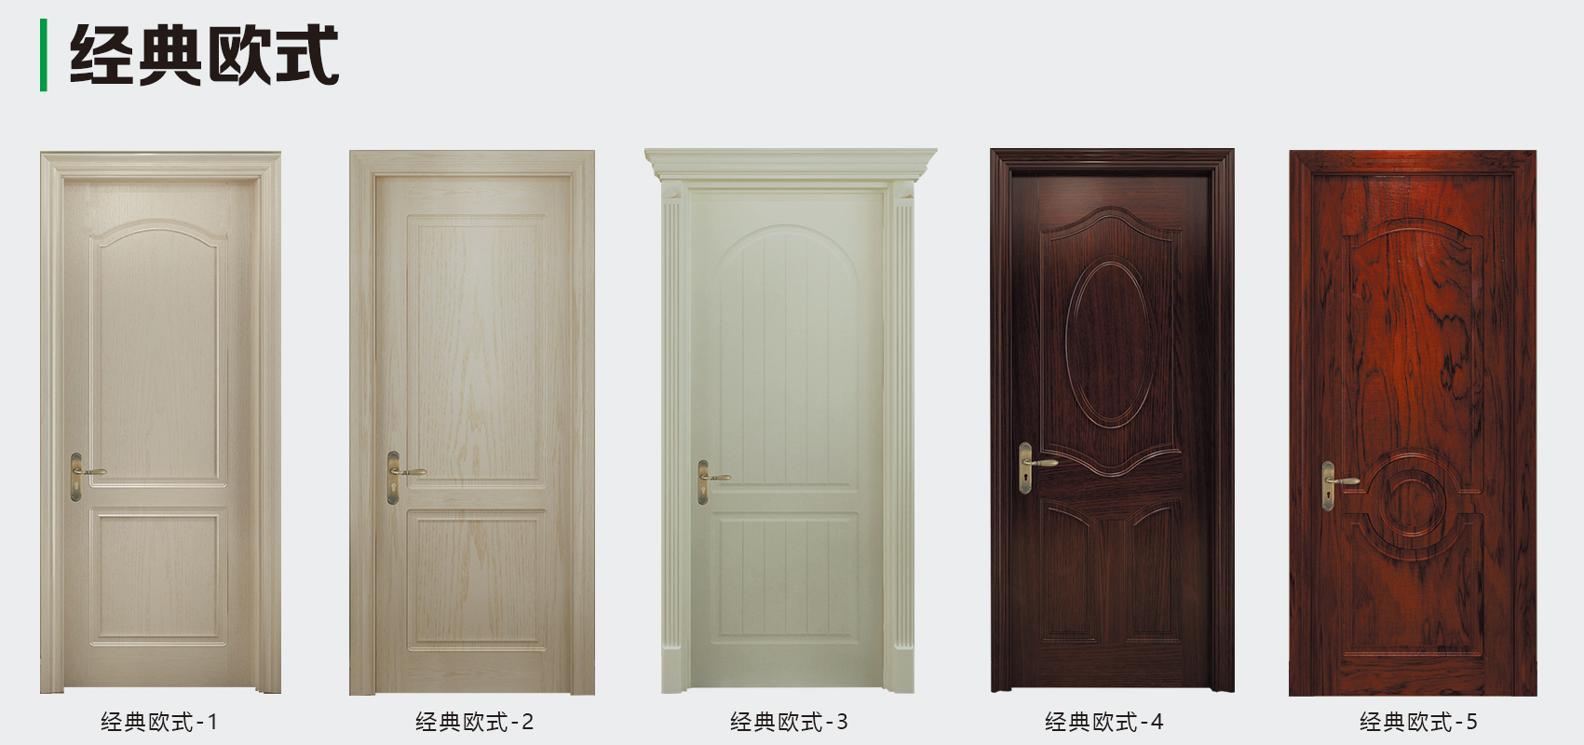 Simple European WPC Door